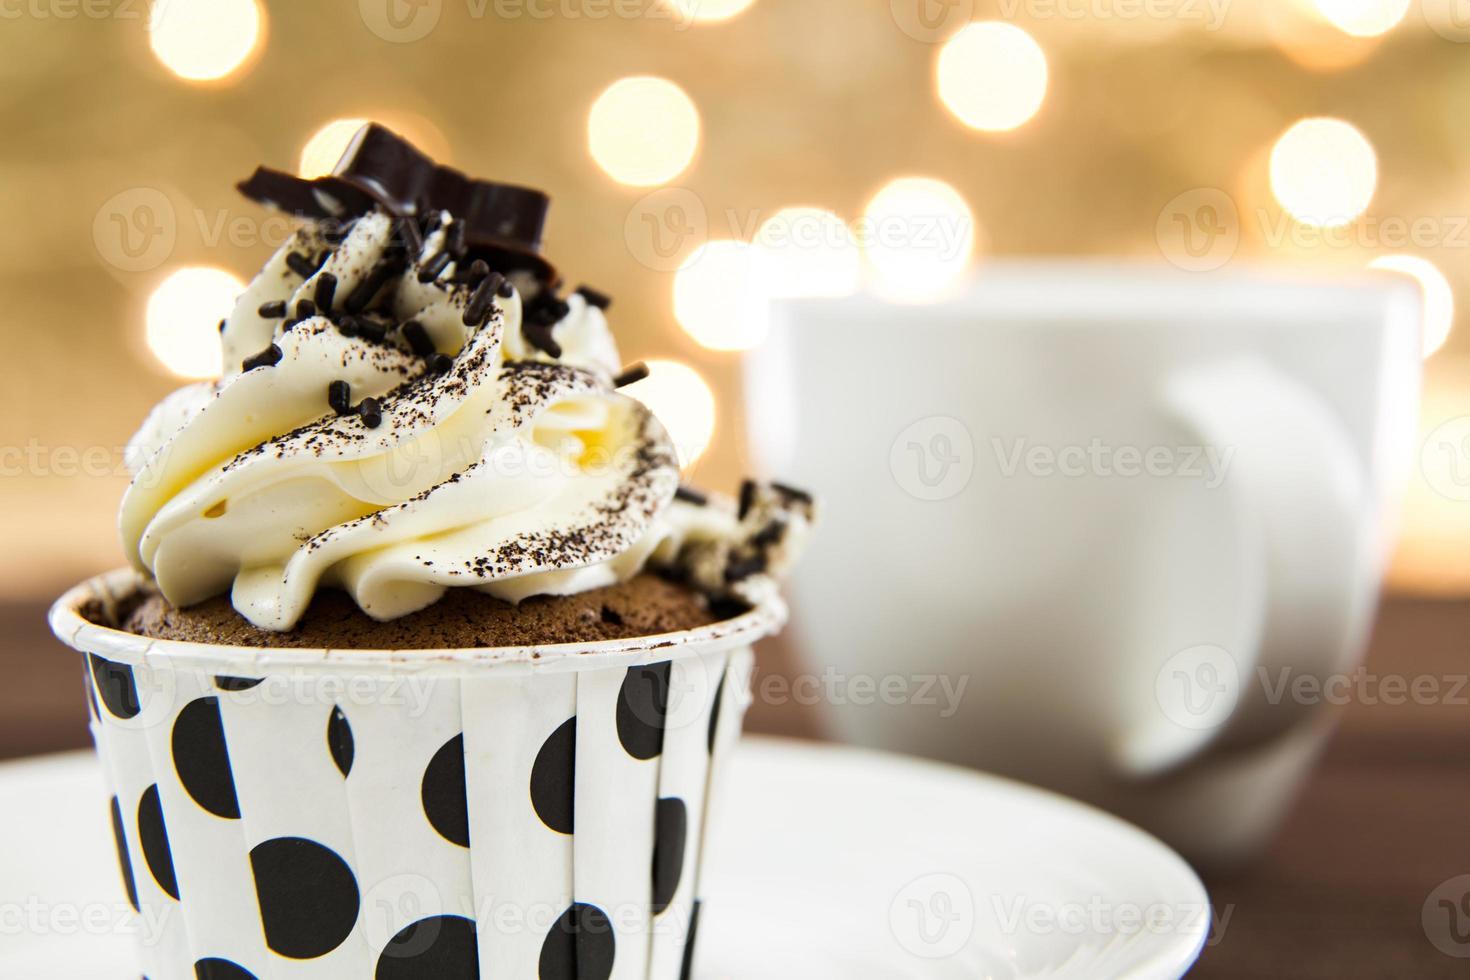 välsmakande muffin på ljus bakgrund foto